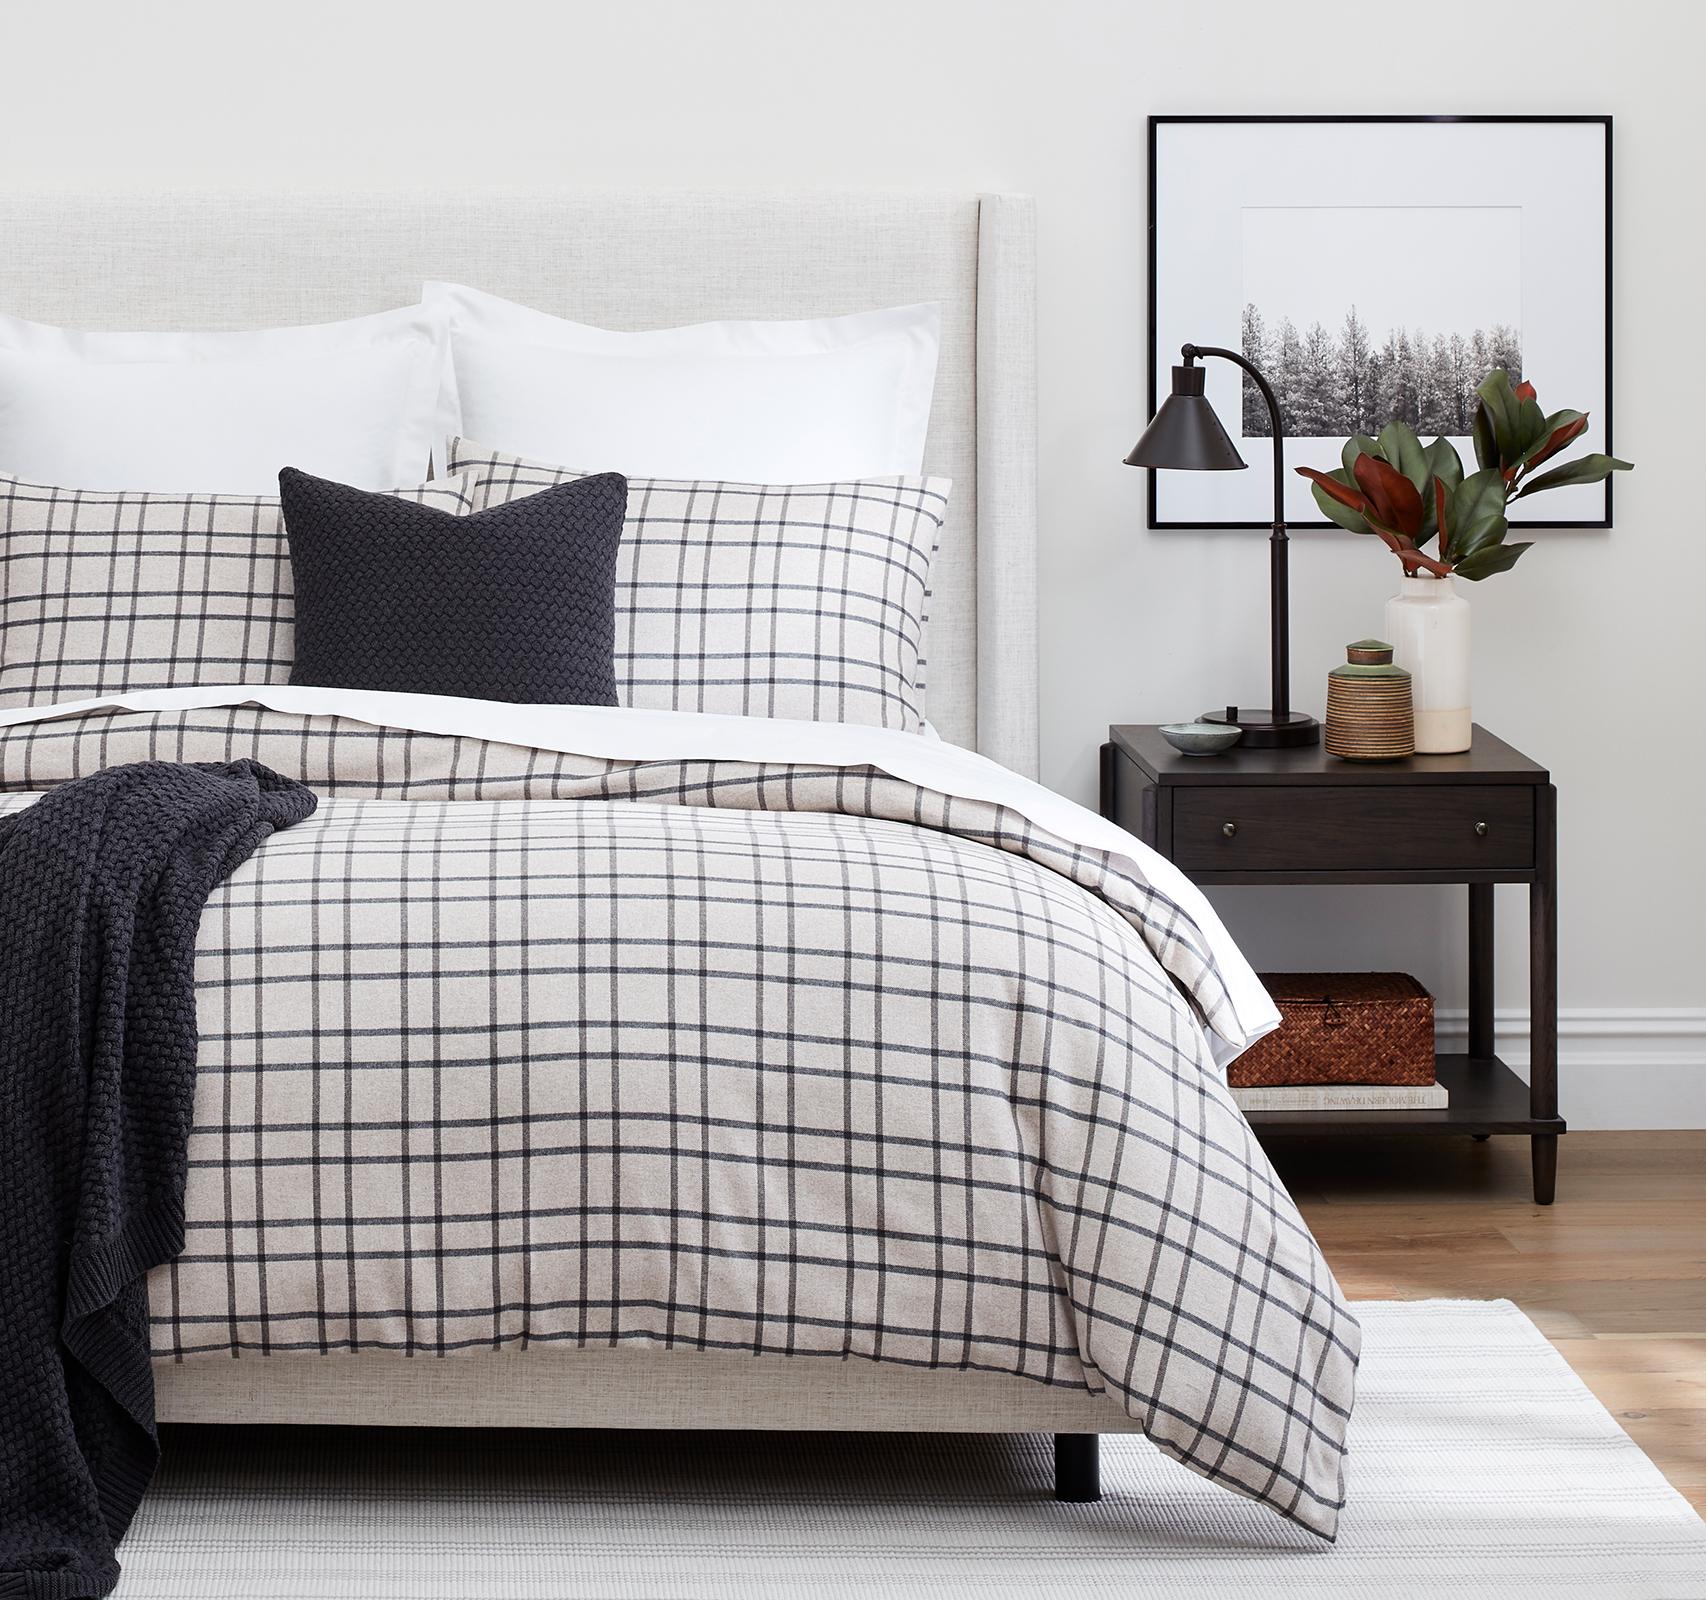 Oatmeal Cozy <br>Contemporary Bedroom header image